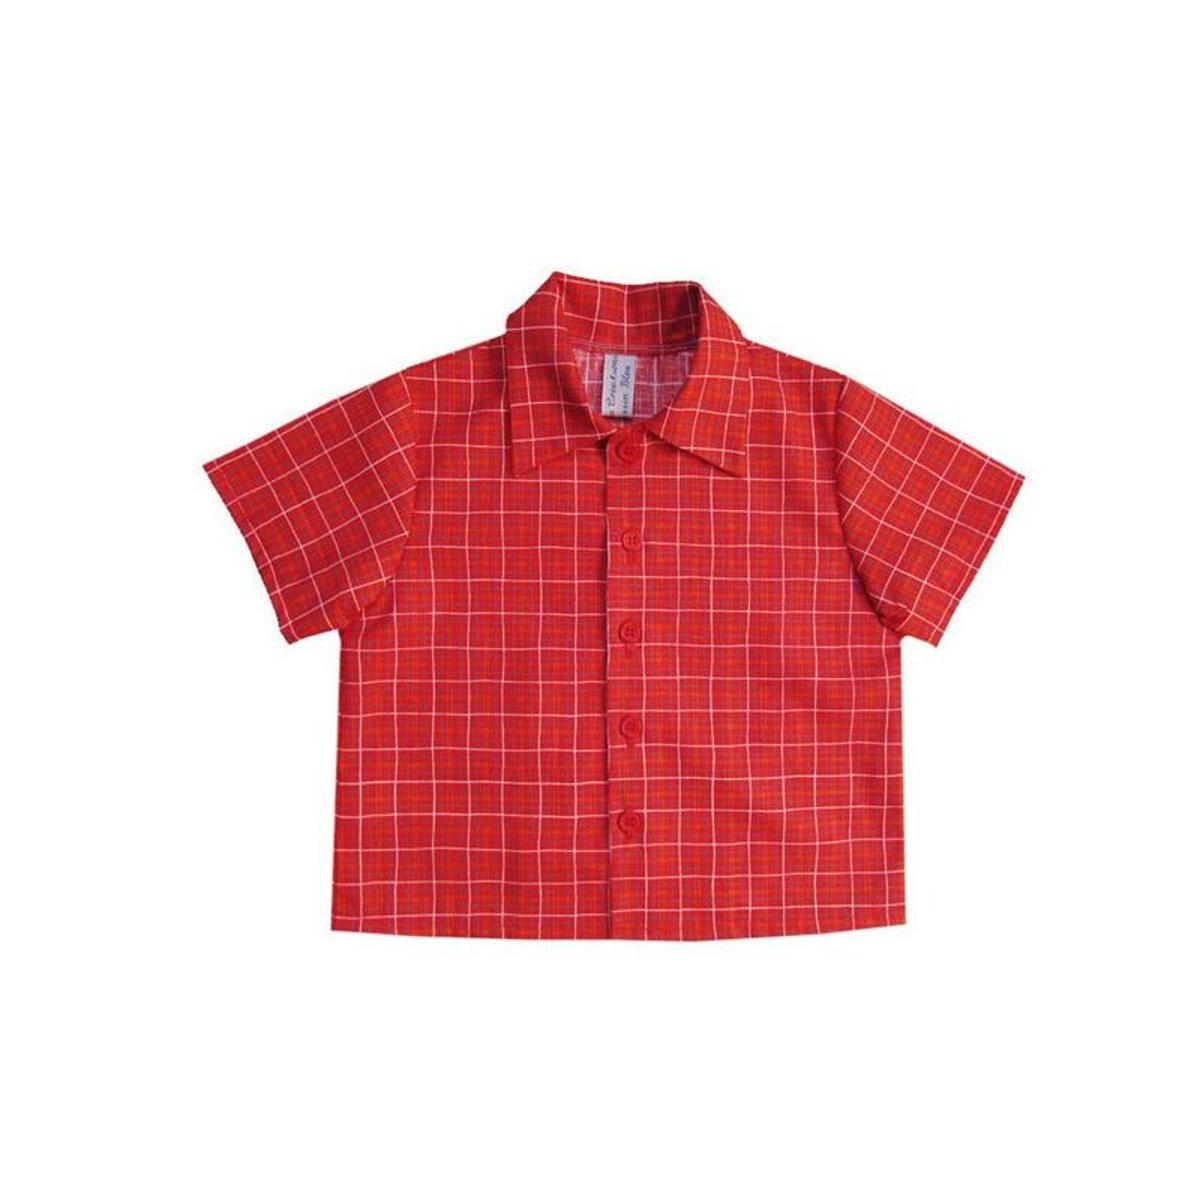 Chemise bébé garçon, manches courtes, rouge à carreaux